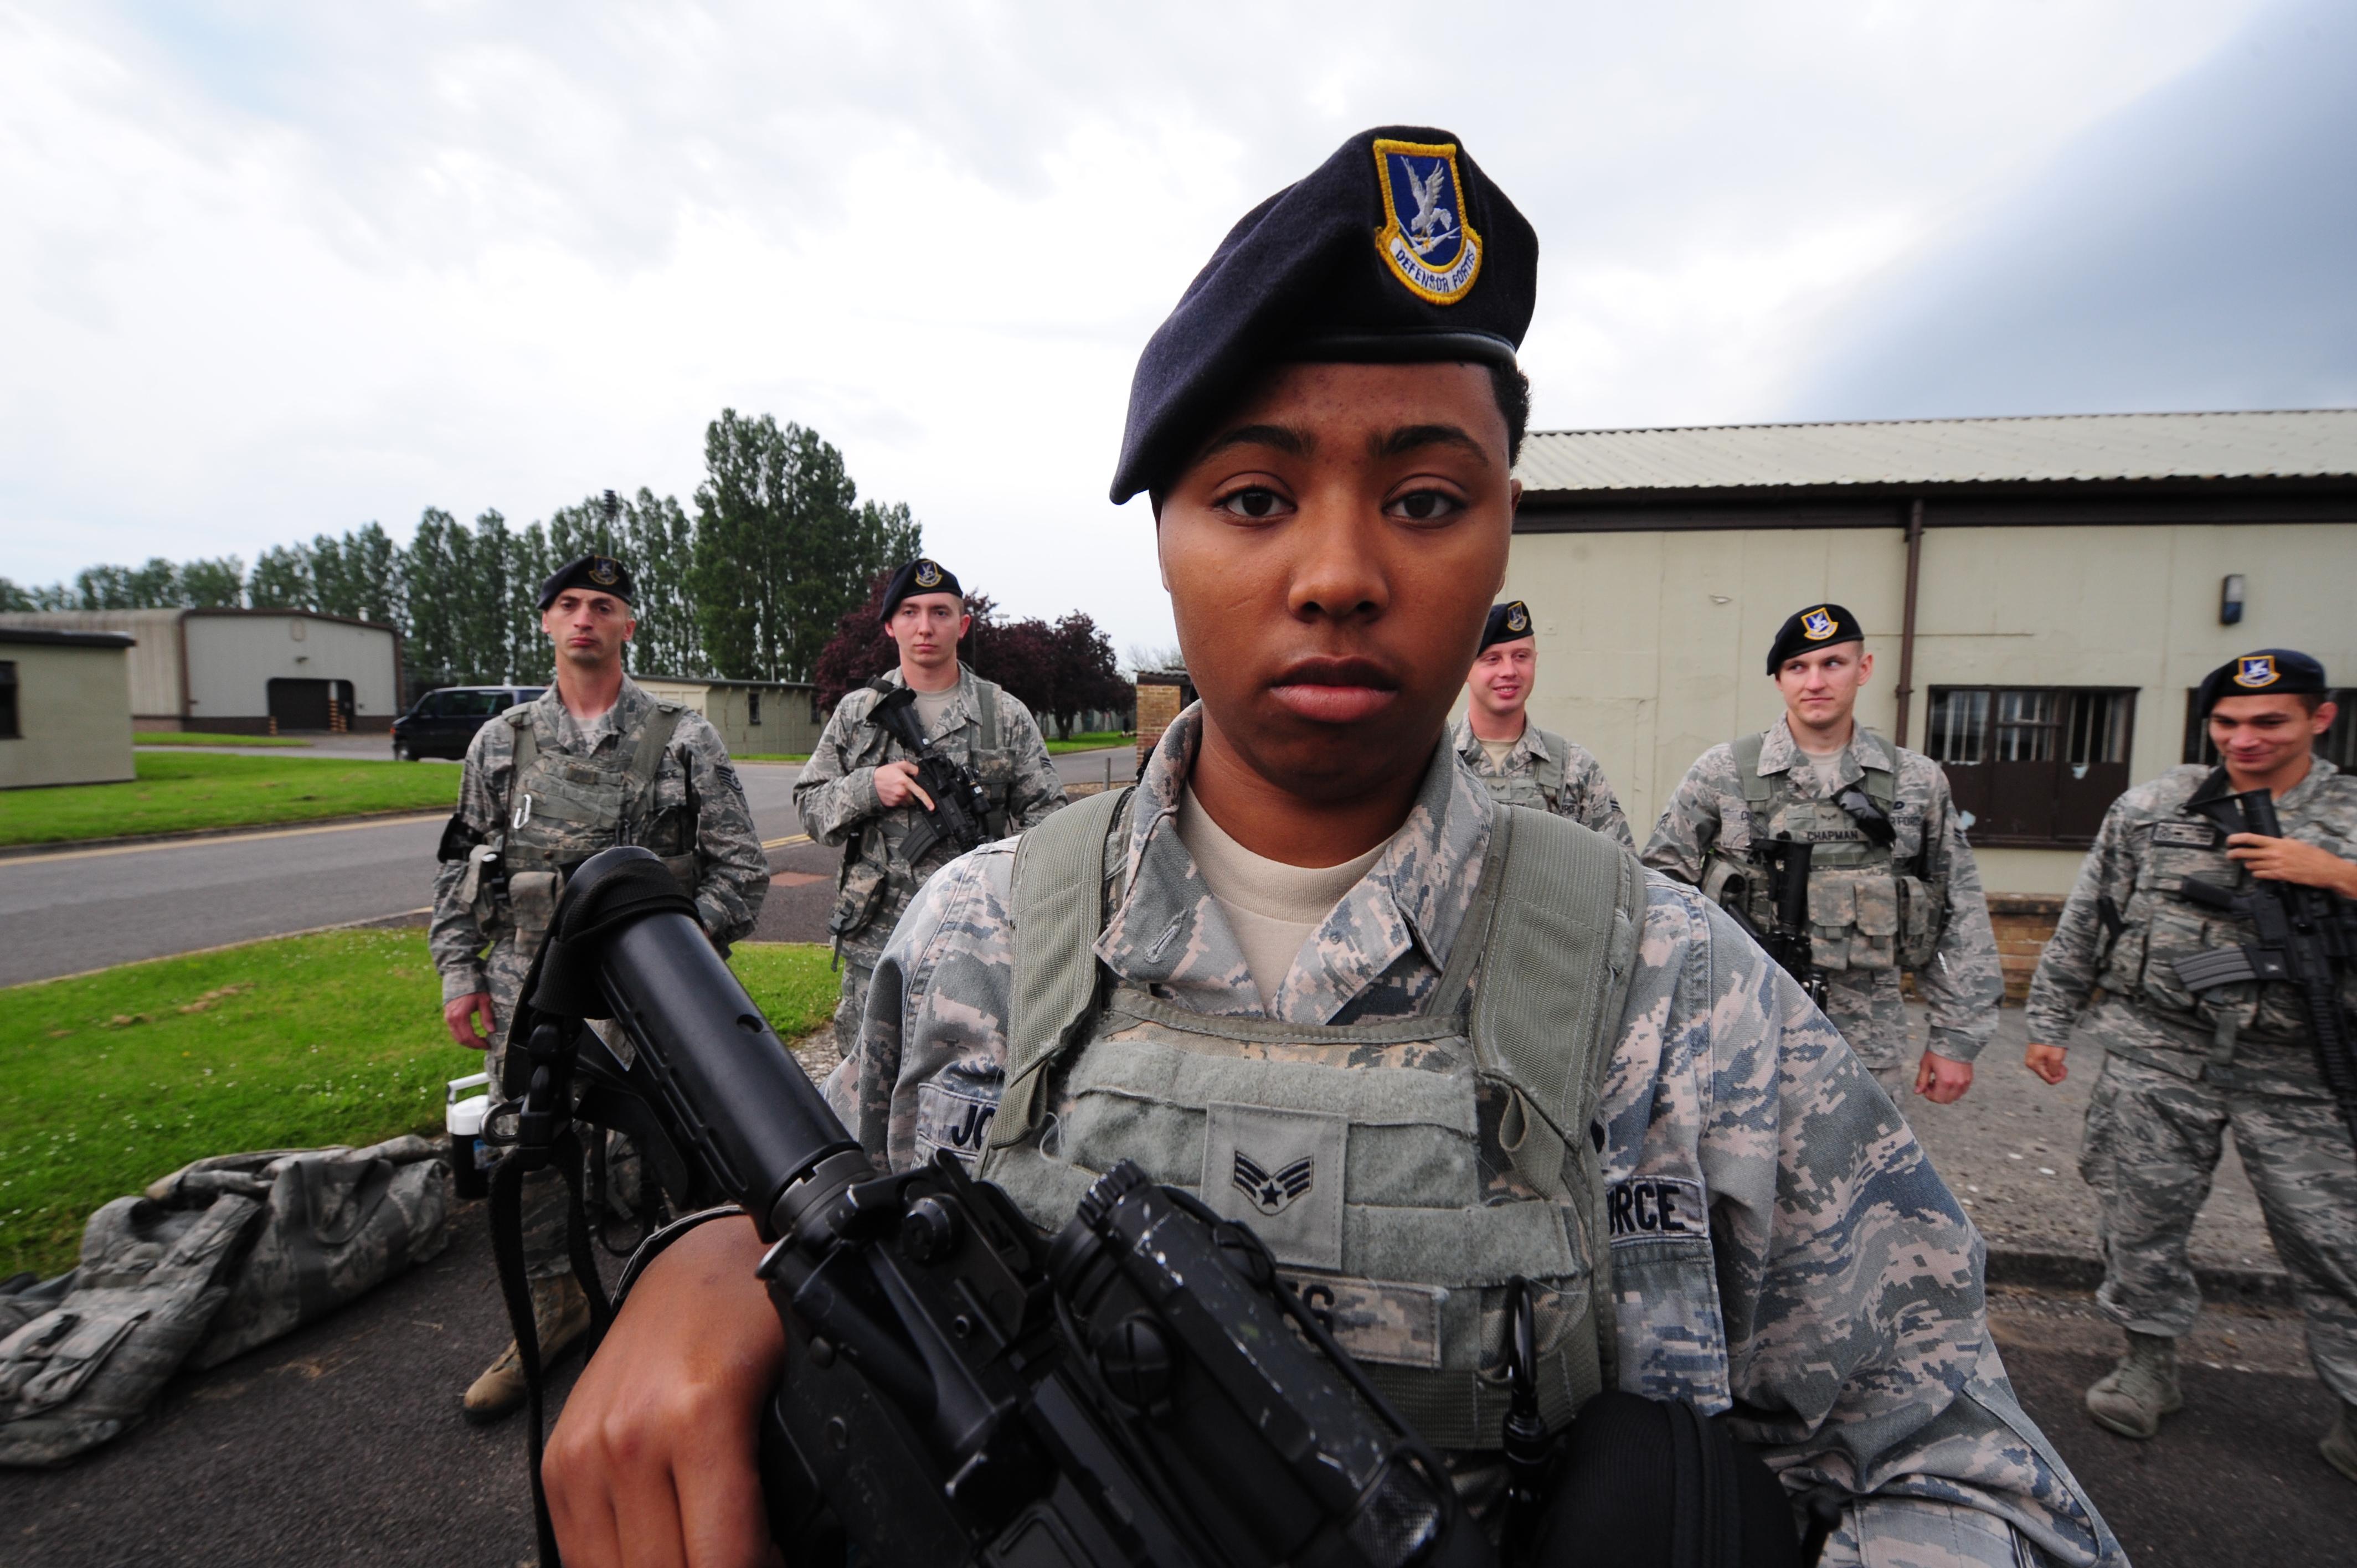 photos senior airman whitney jones 509th security forces squadron whiteman air force base missouri